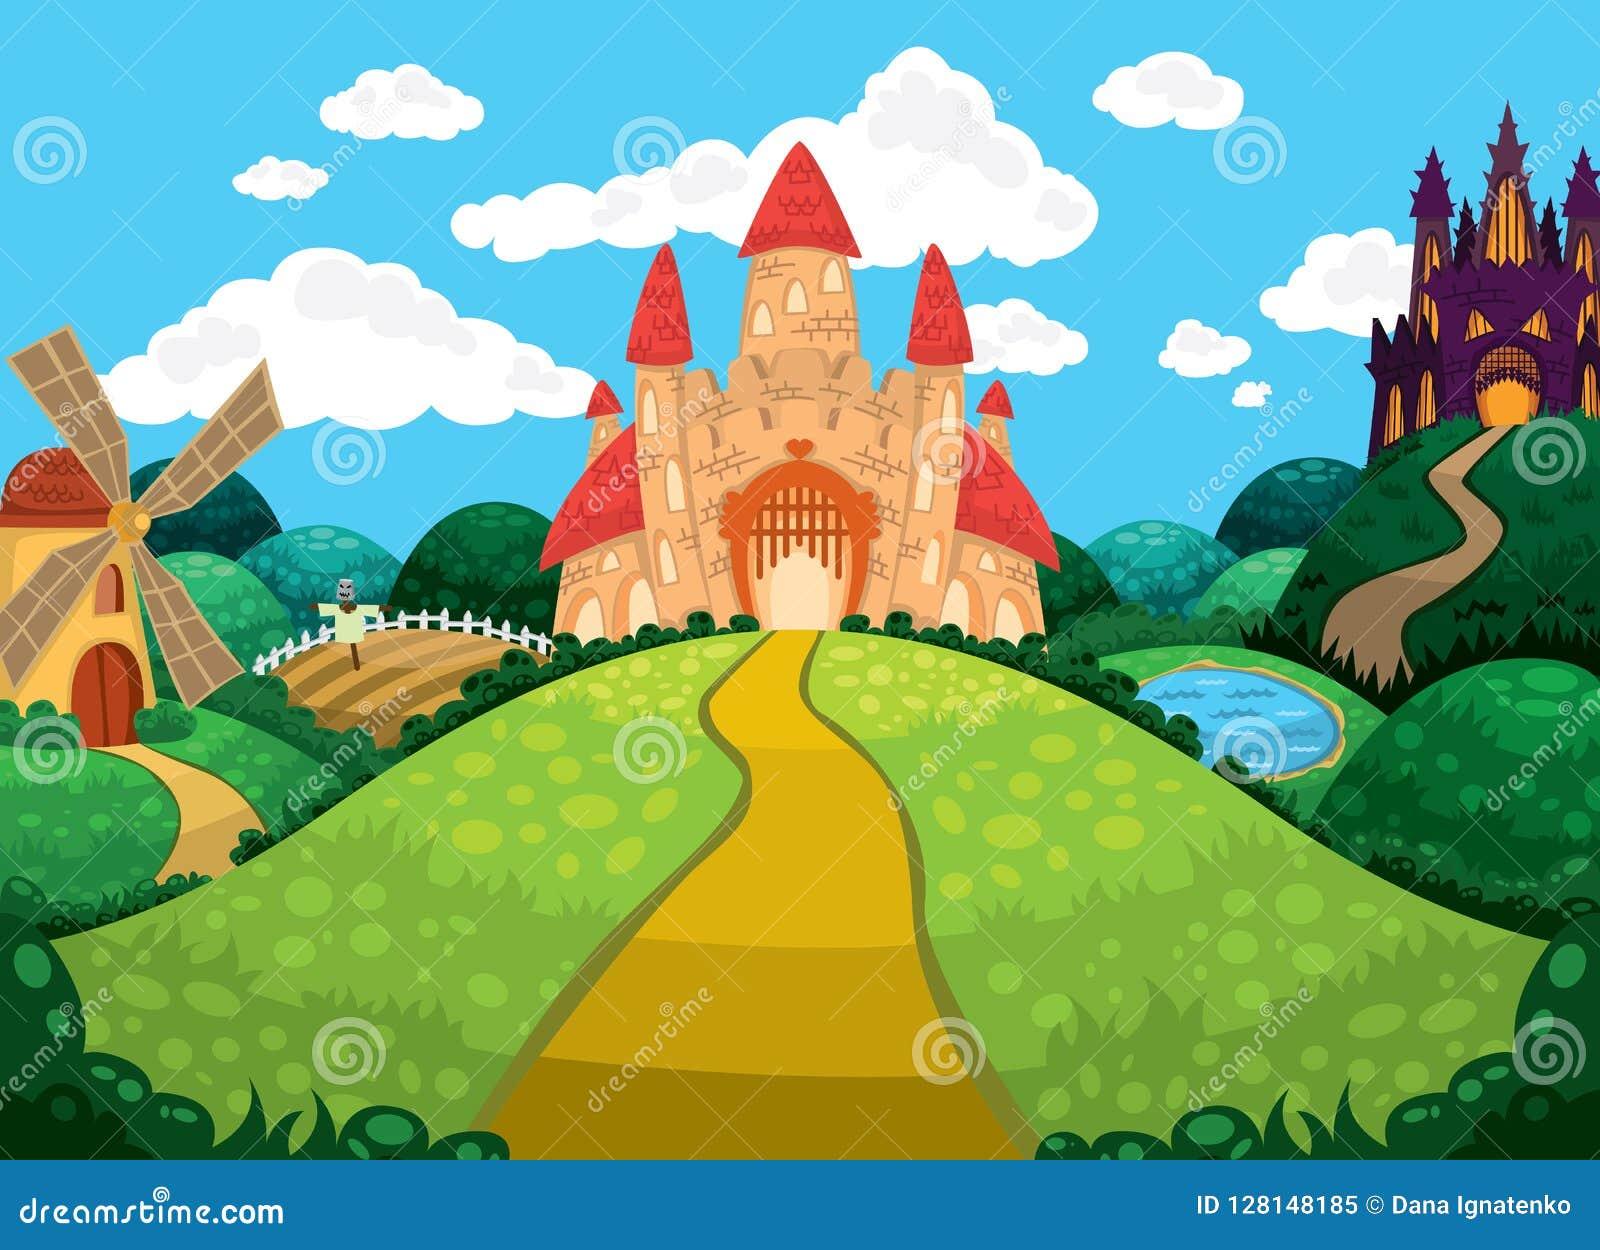 与城堡、池塘、磨房和领域的美好的背景